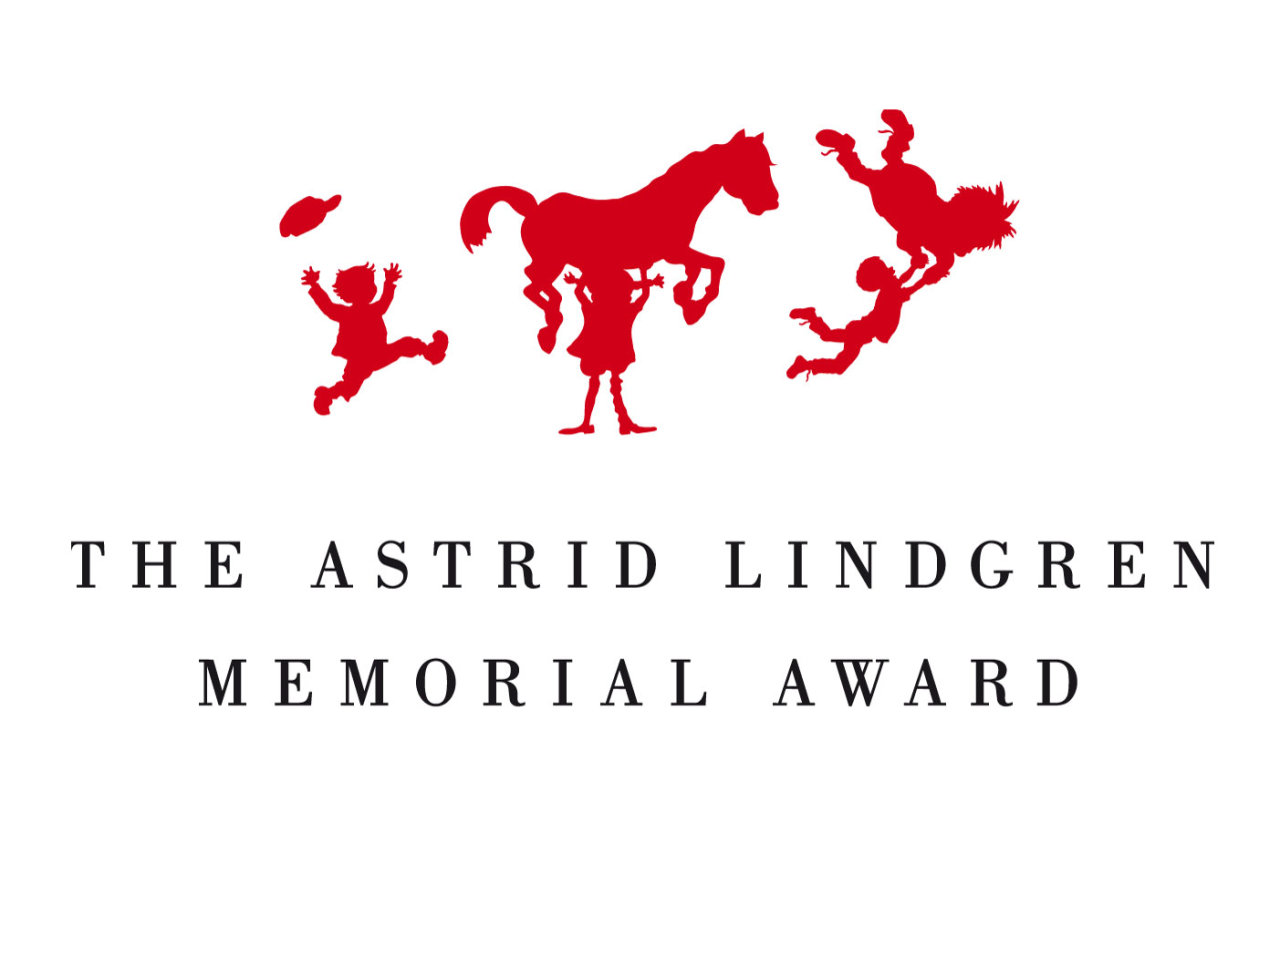 logo_astrid_lindgren_memorial_award_140612.jpg